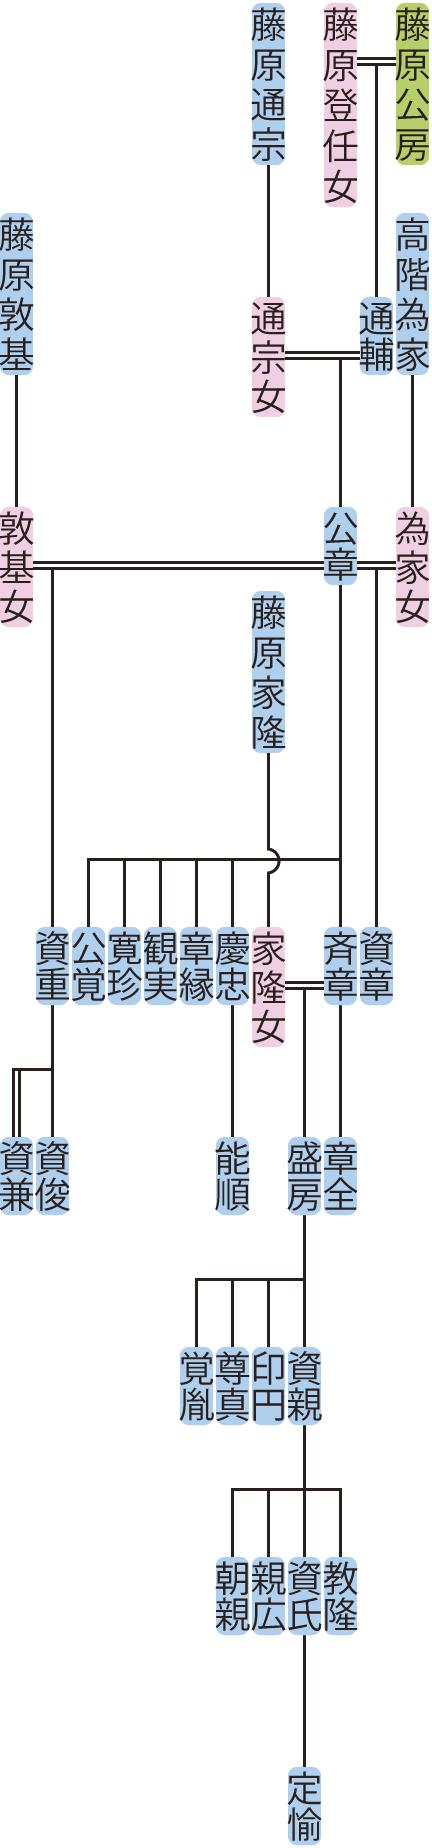 藤原公章の系図